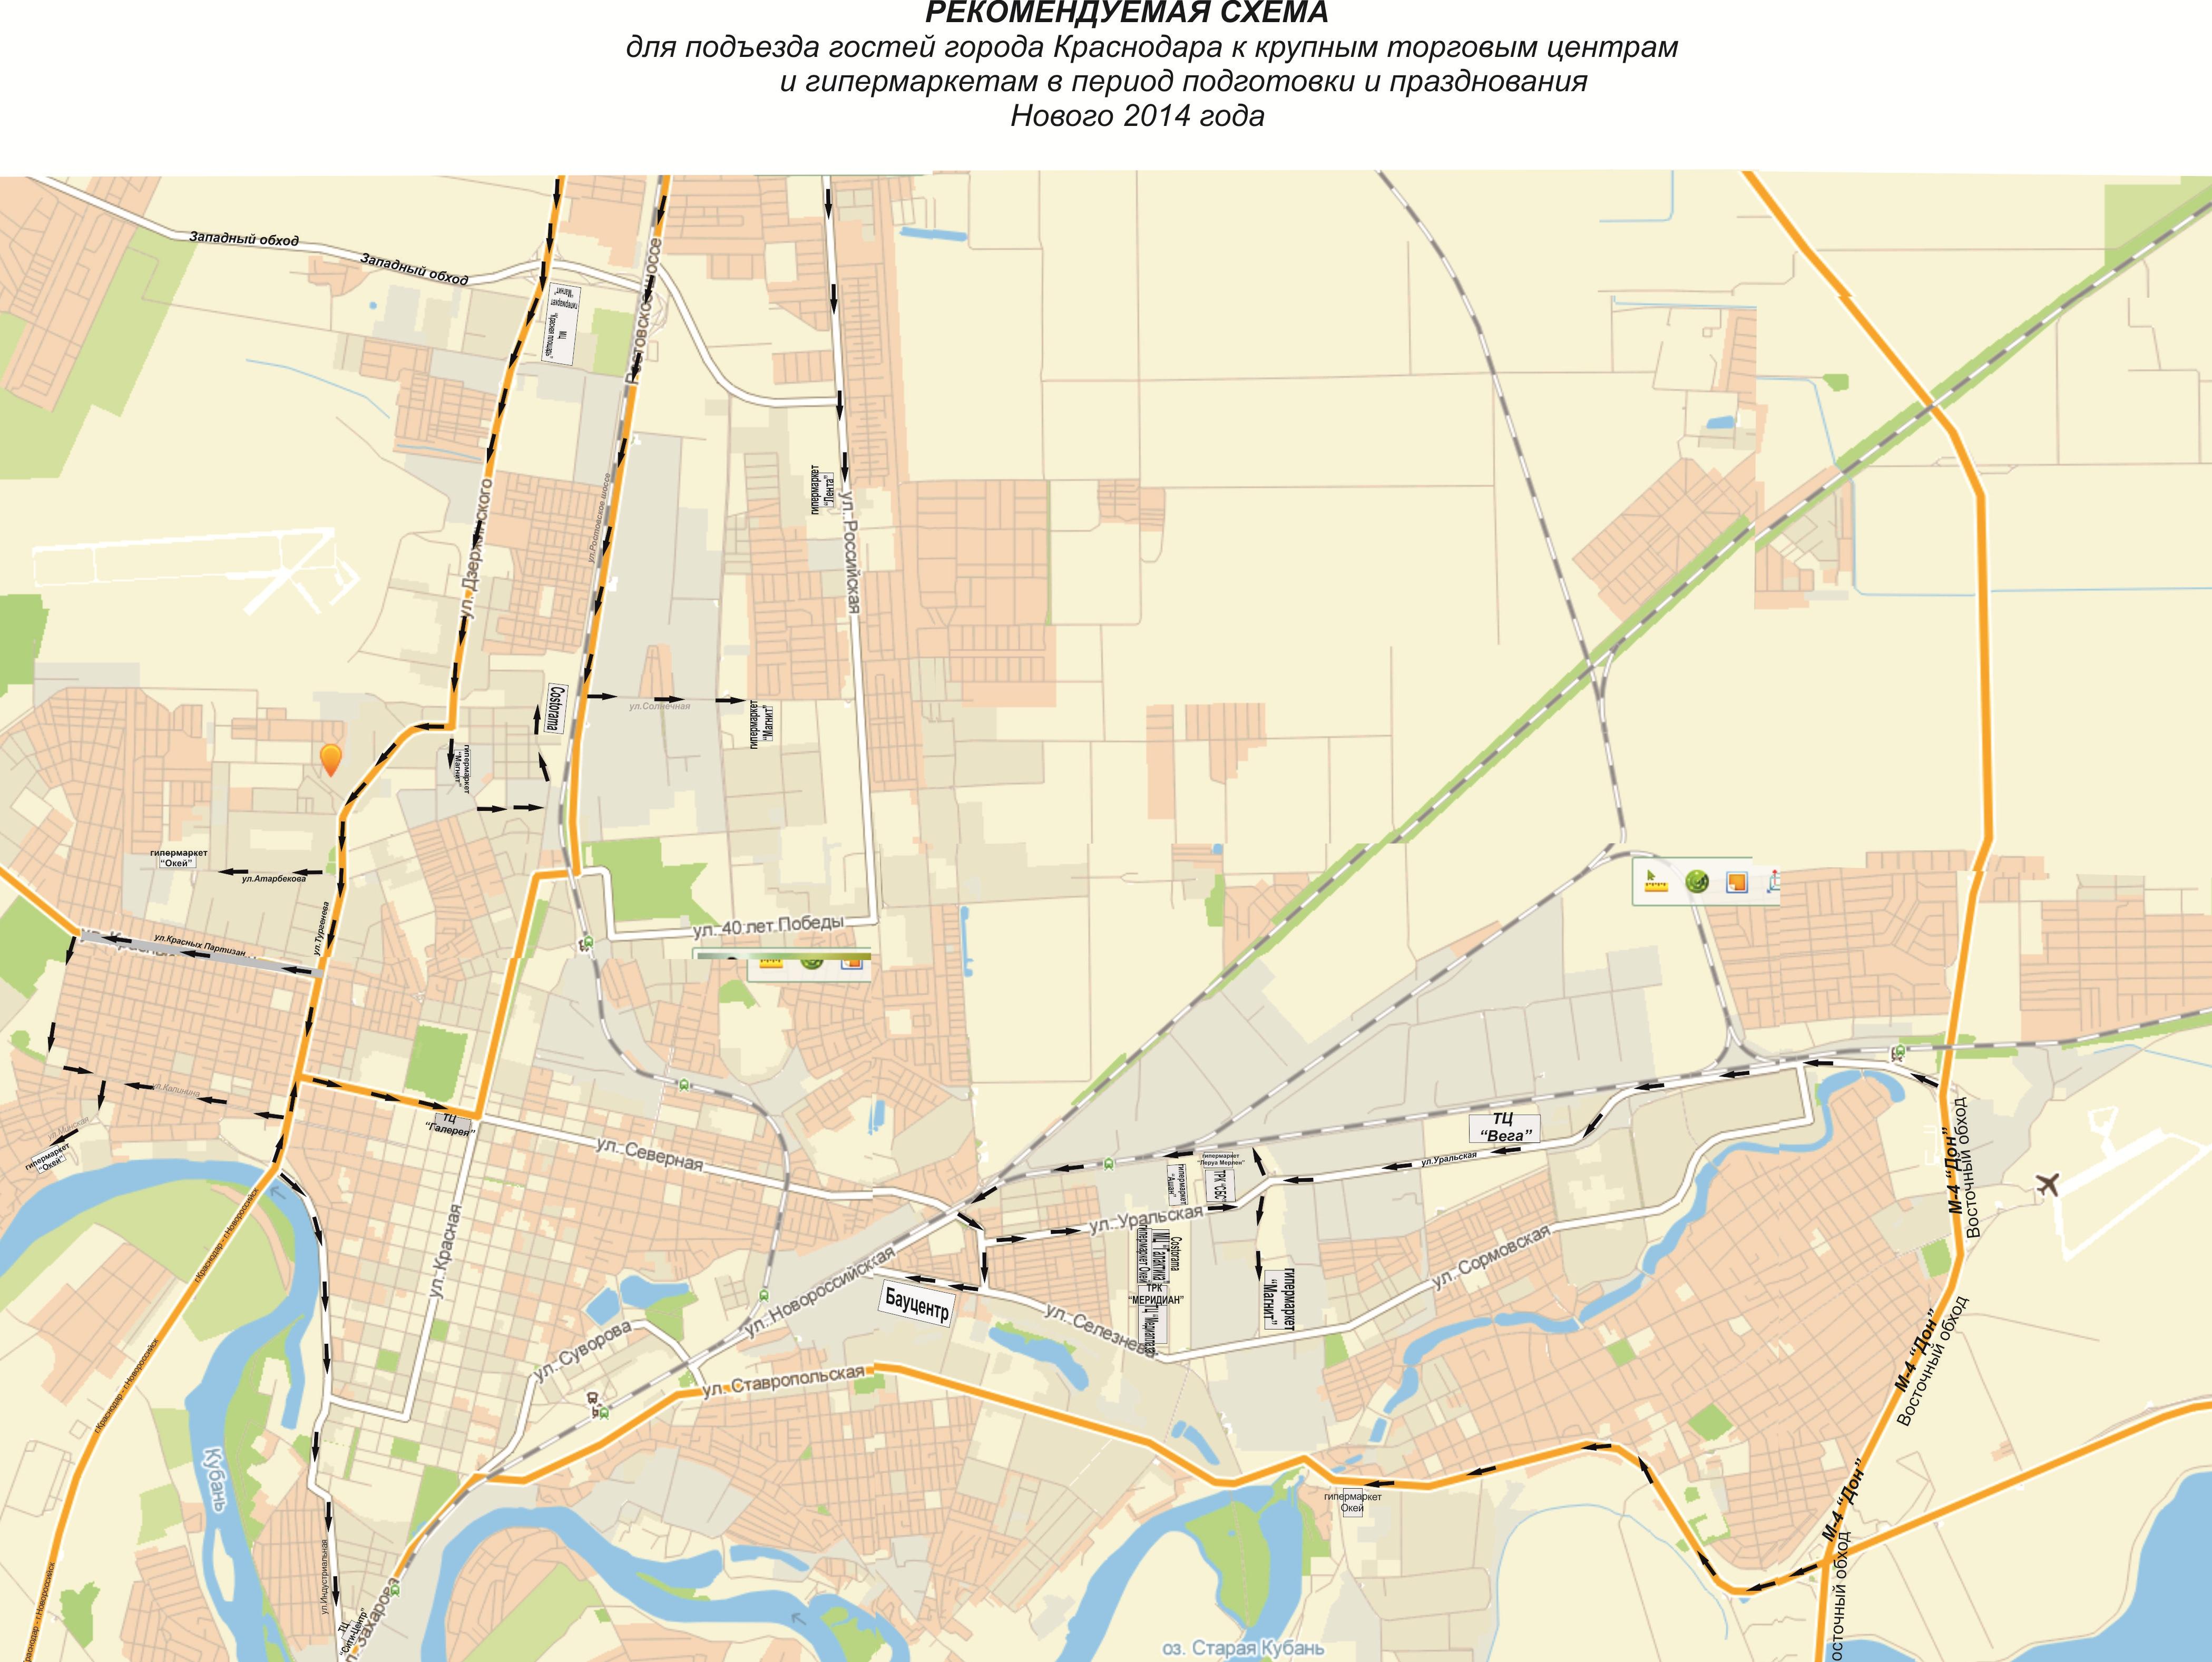 Схема городского транспорта города краснодара | 21vek ...: http://21vek-kartina.ru/31460